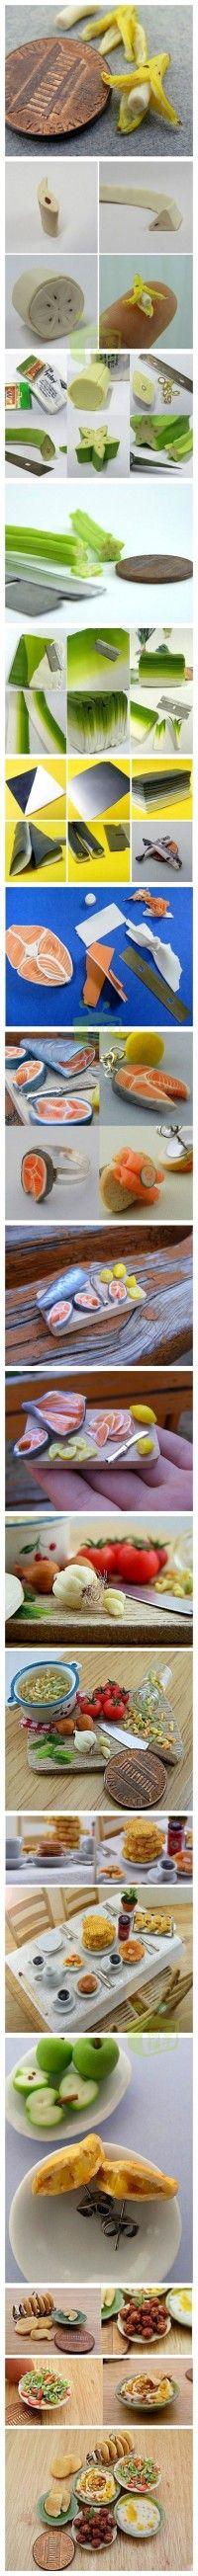 软陶来自黎他妈的纾黍的图片分享-堆糖网;